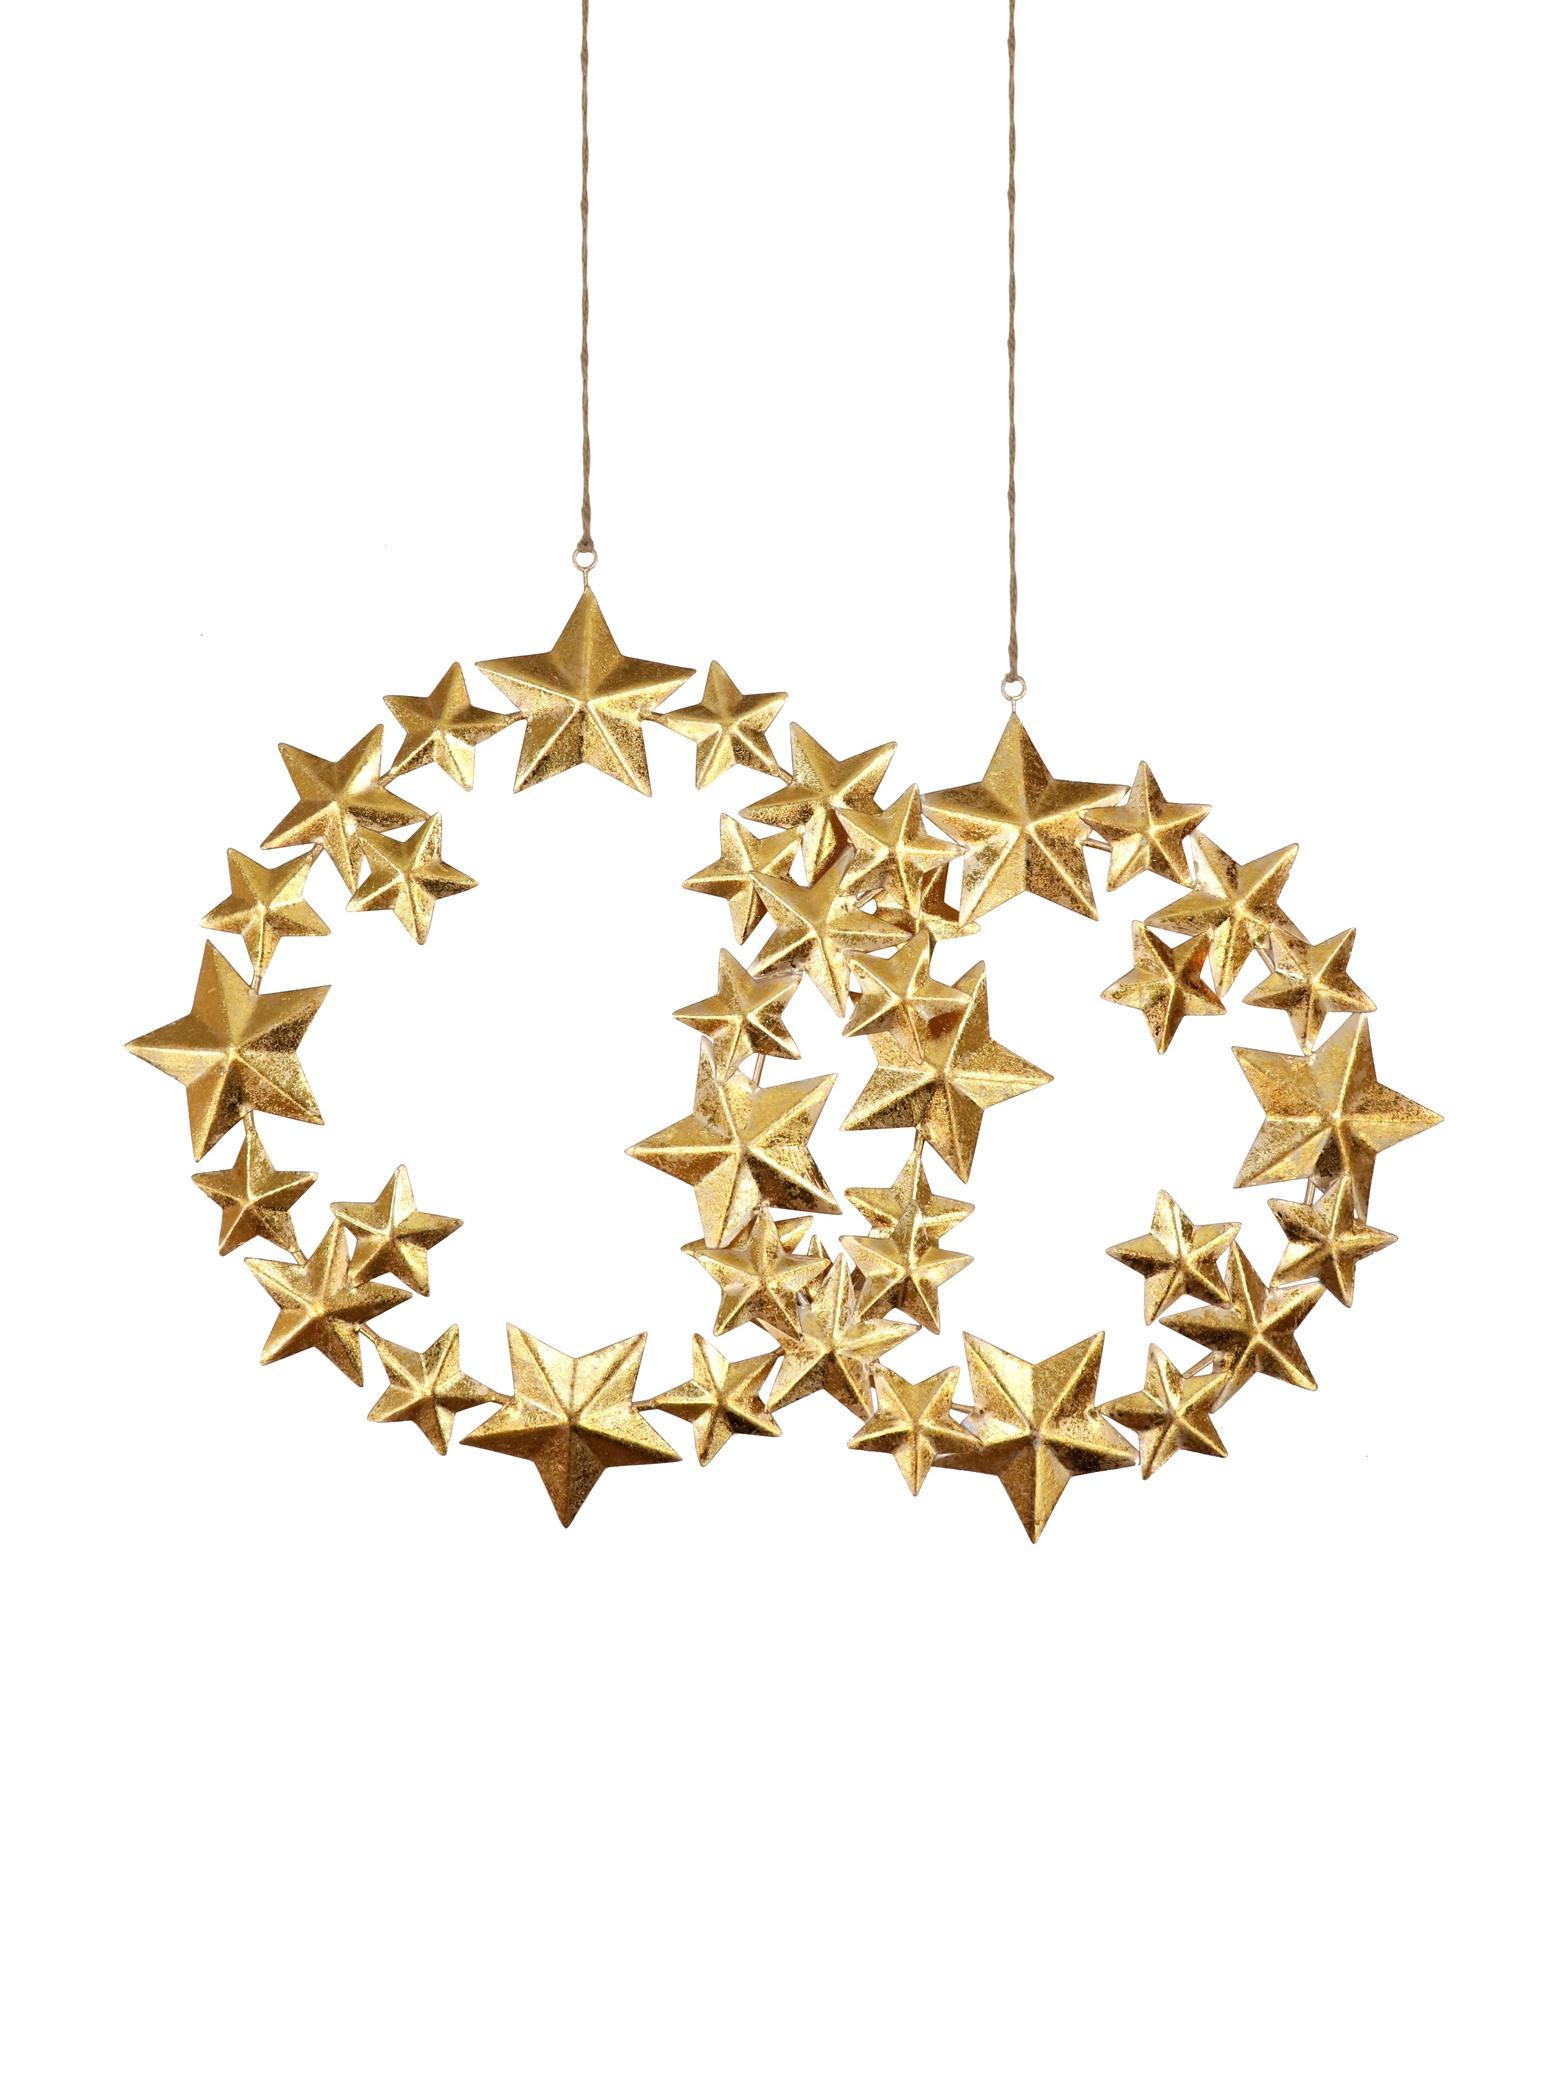 Decoratieve hangersset Stars, 2-delig, Gecoat metaal, Goudkleurig, Verschillende formaten